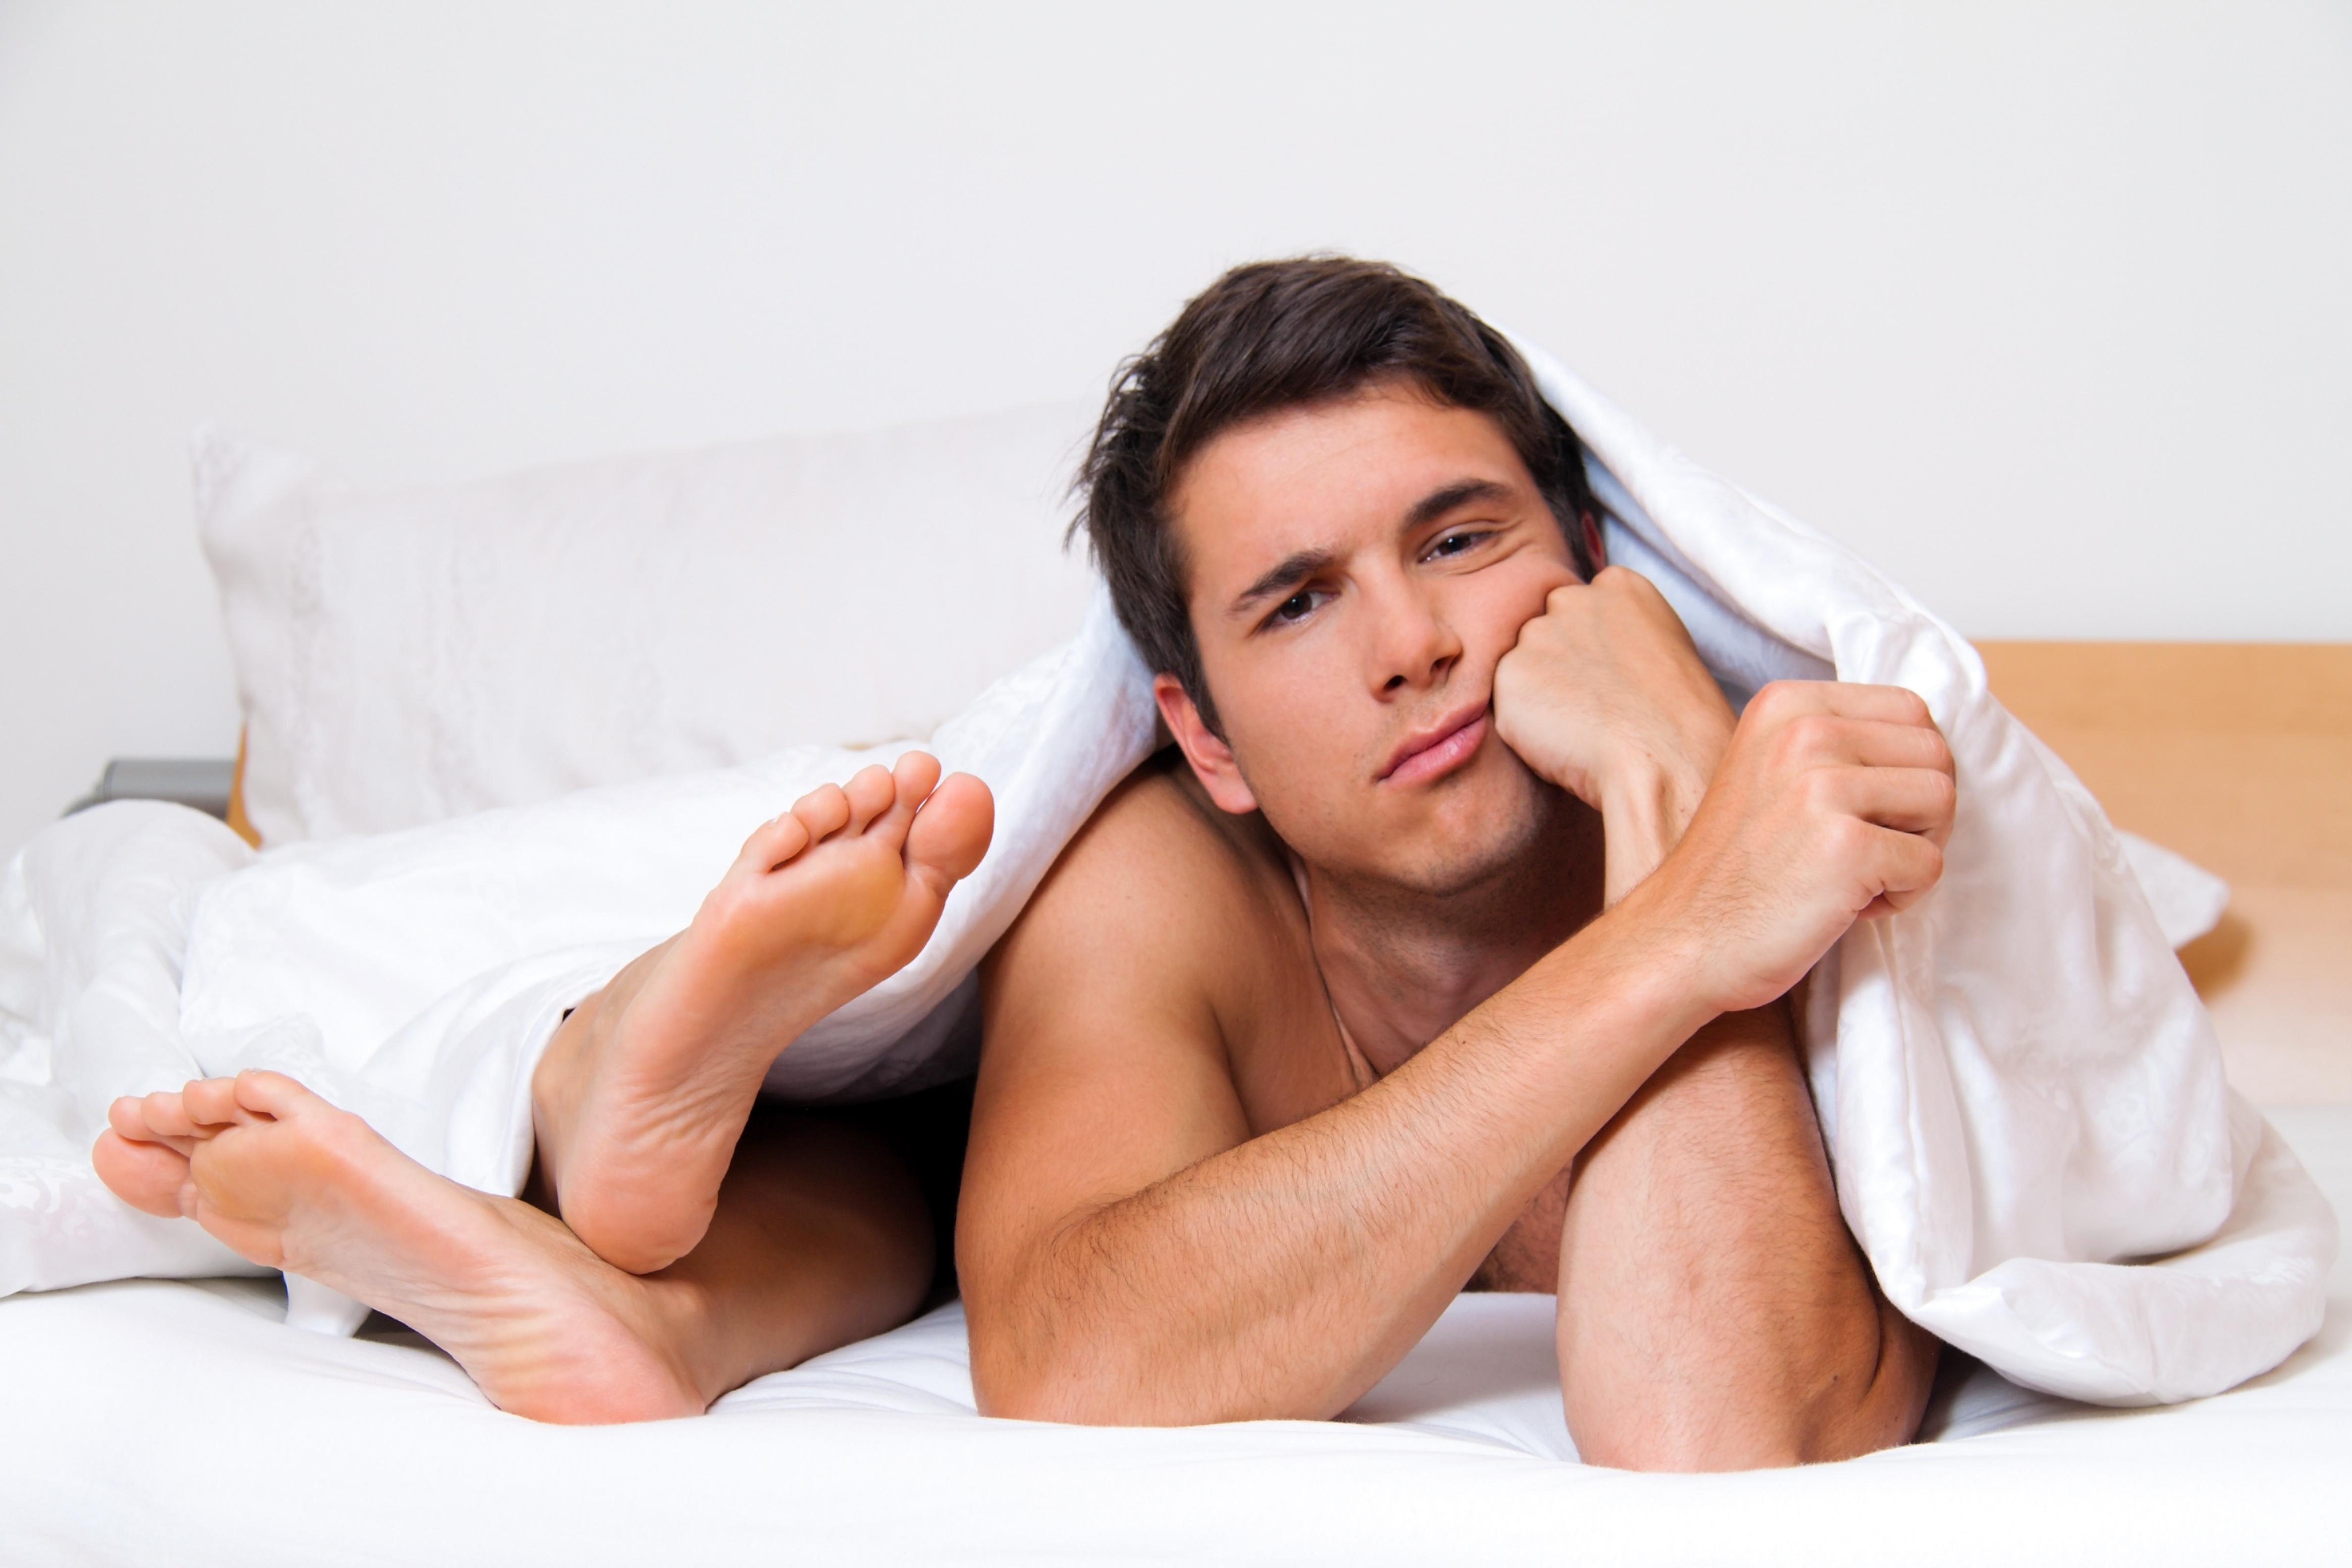 Развитие сексуальной чувствительности 20 фотография